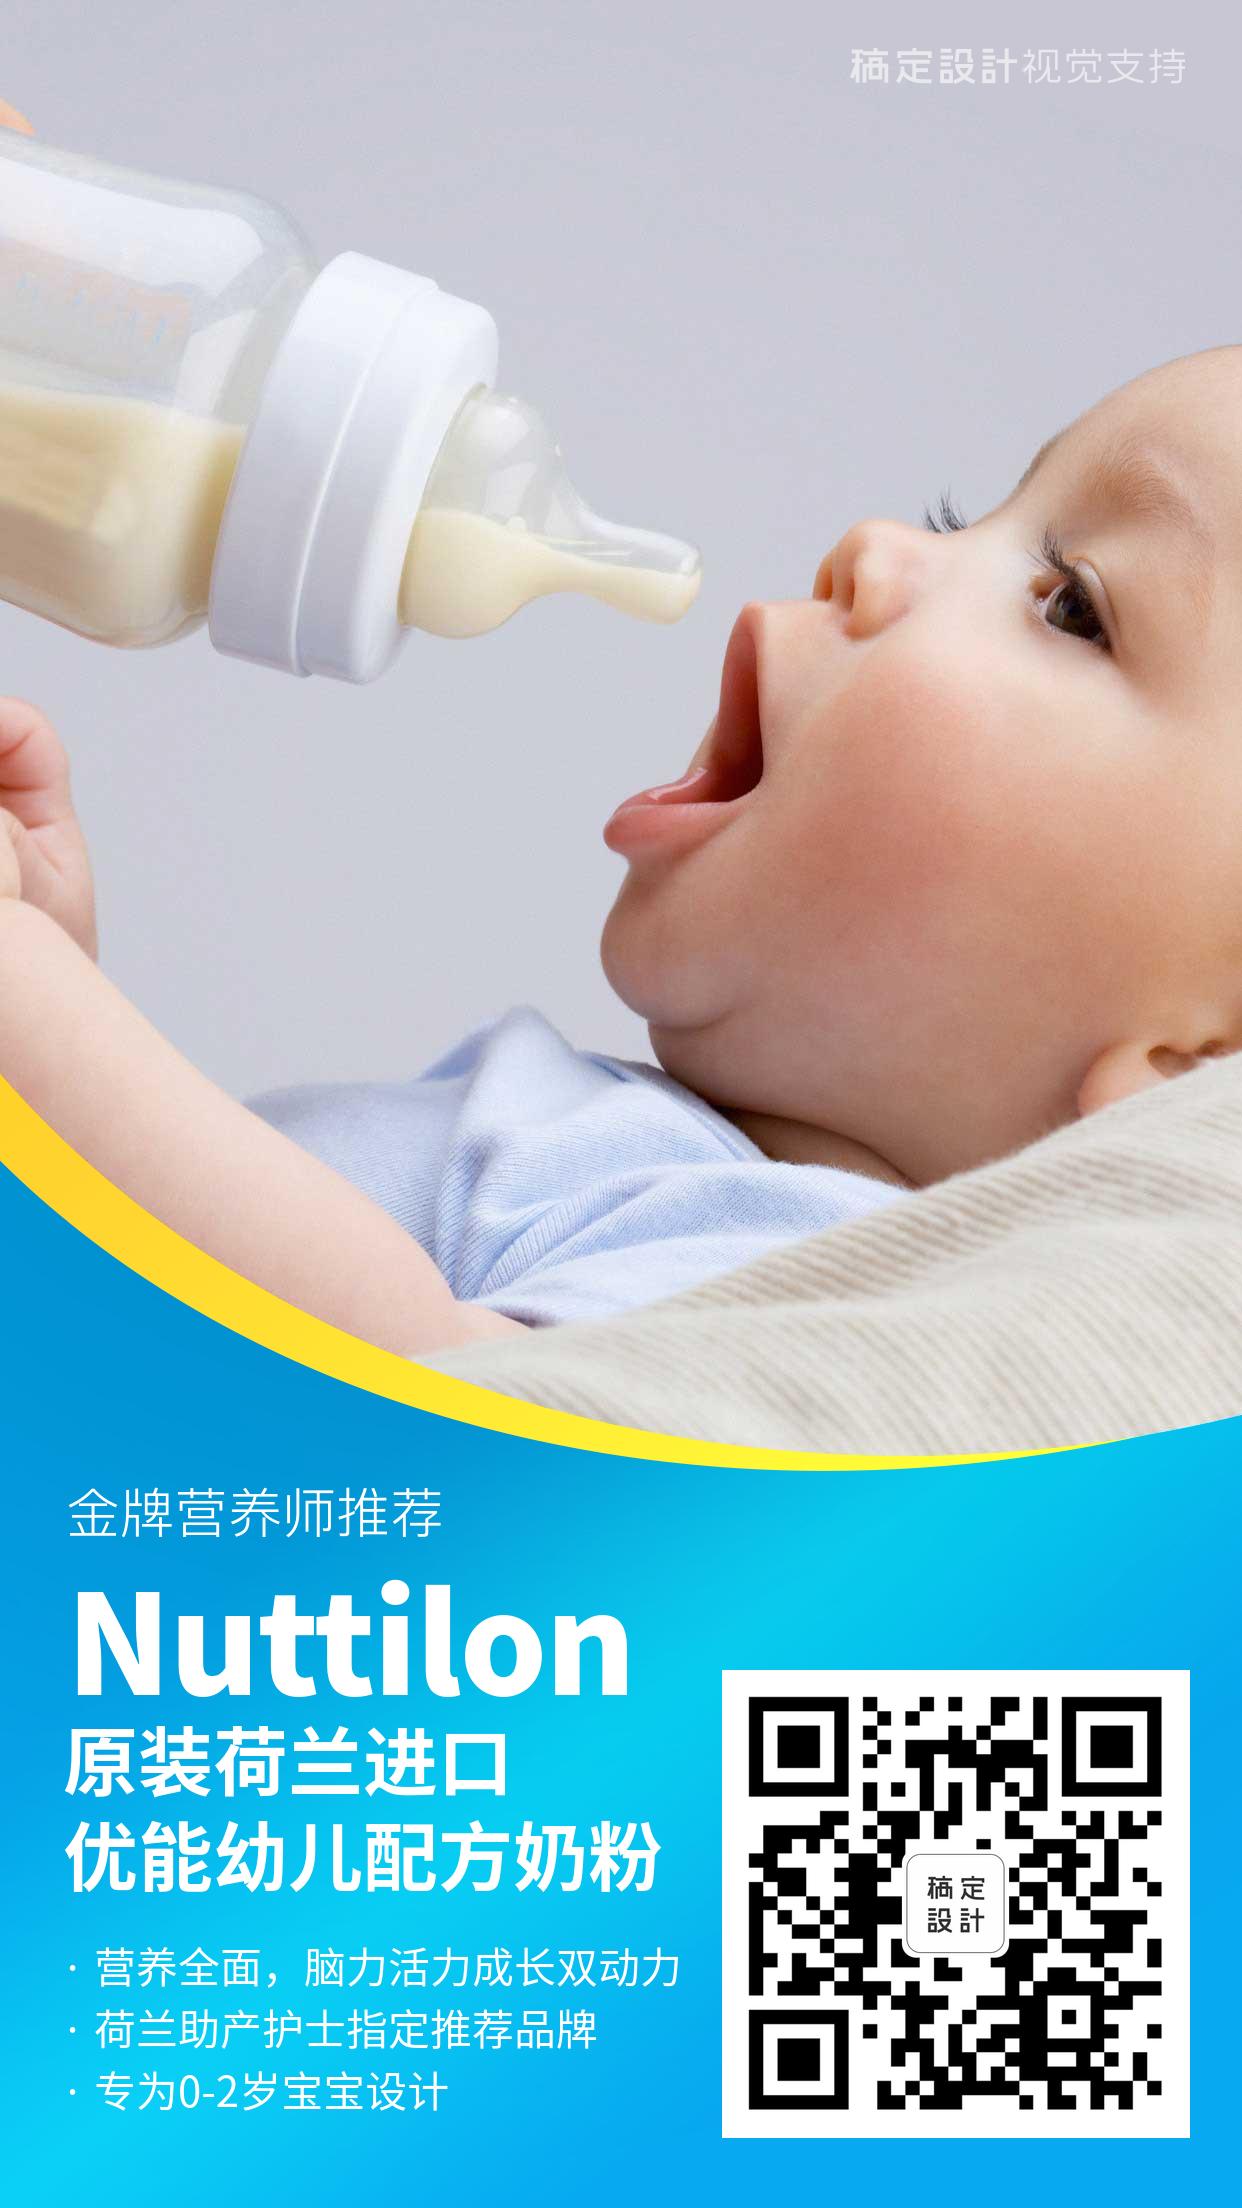 奶粉产品展示